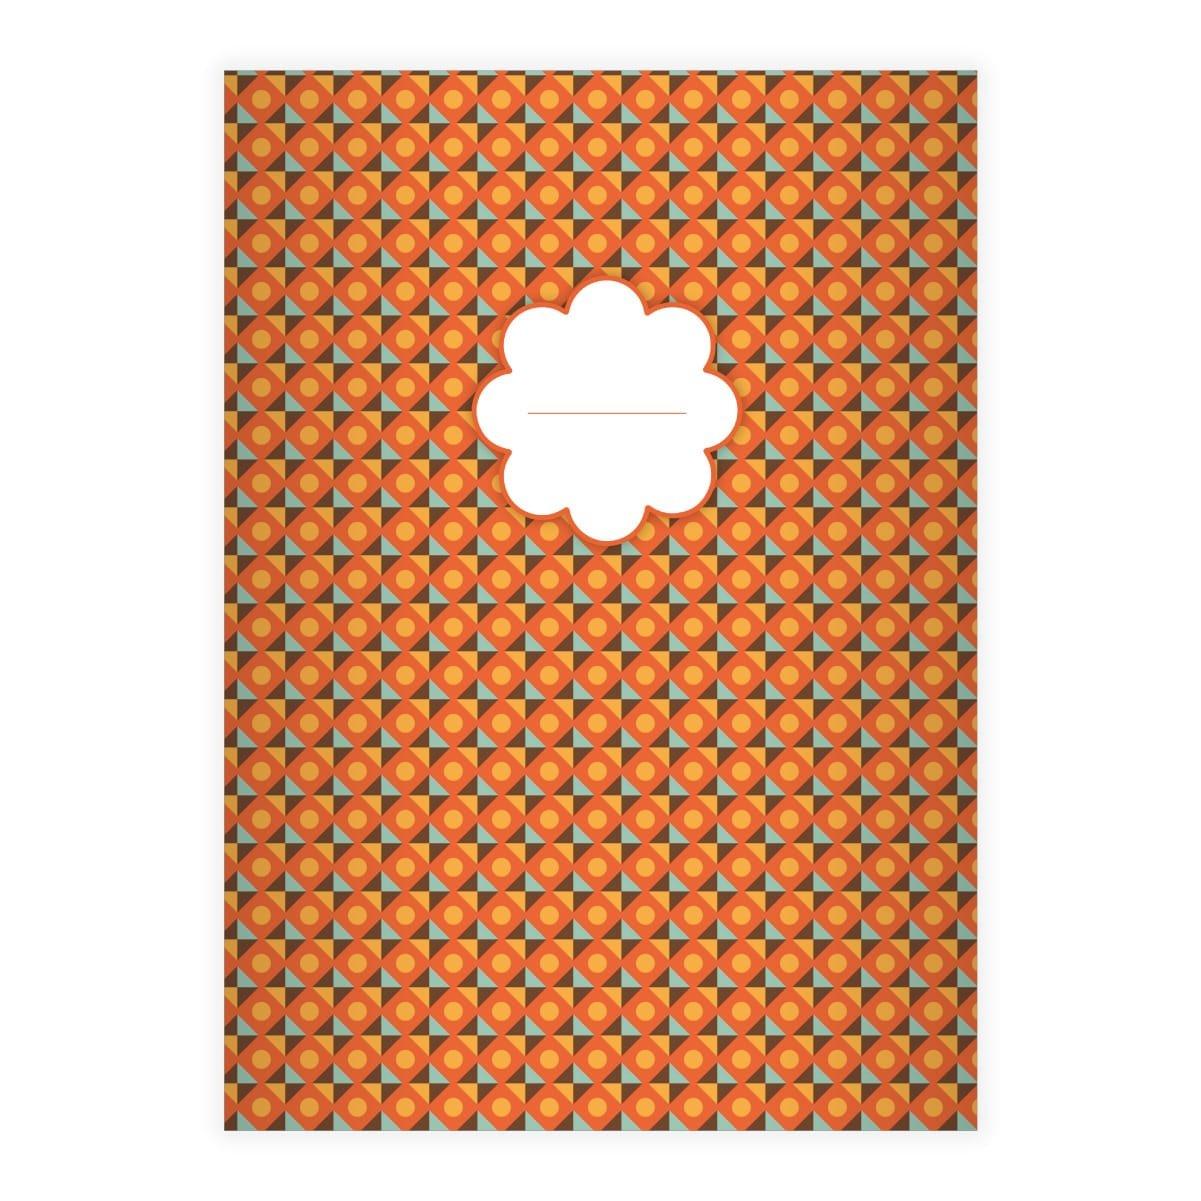 cahier chic, retro lign/é; avec bord des deux c/ôt/és 29,7x21; 32p retro avec dessin en style des ann/ées 70 jaune A4 1 cahier chic lin/éatur 27 cahiers pour /écrire